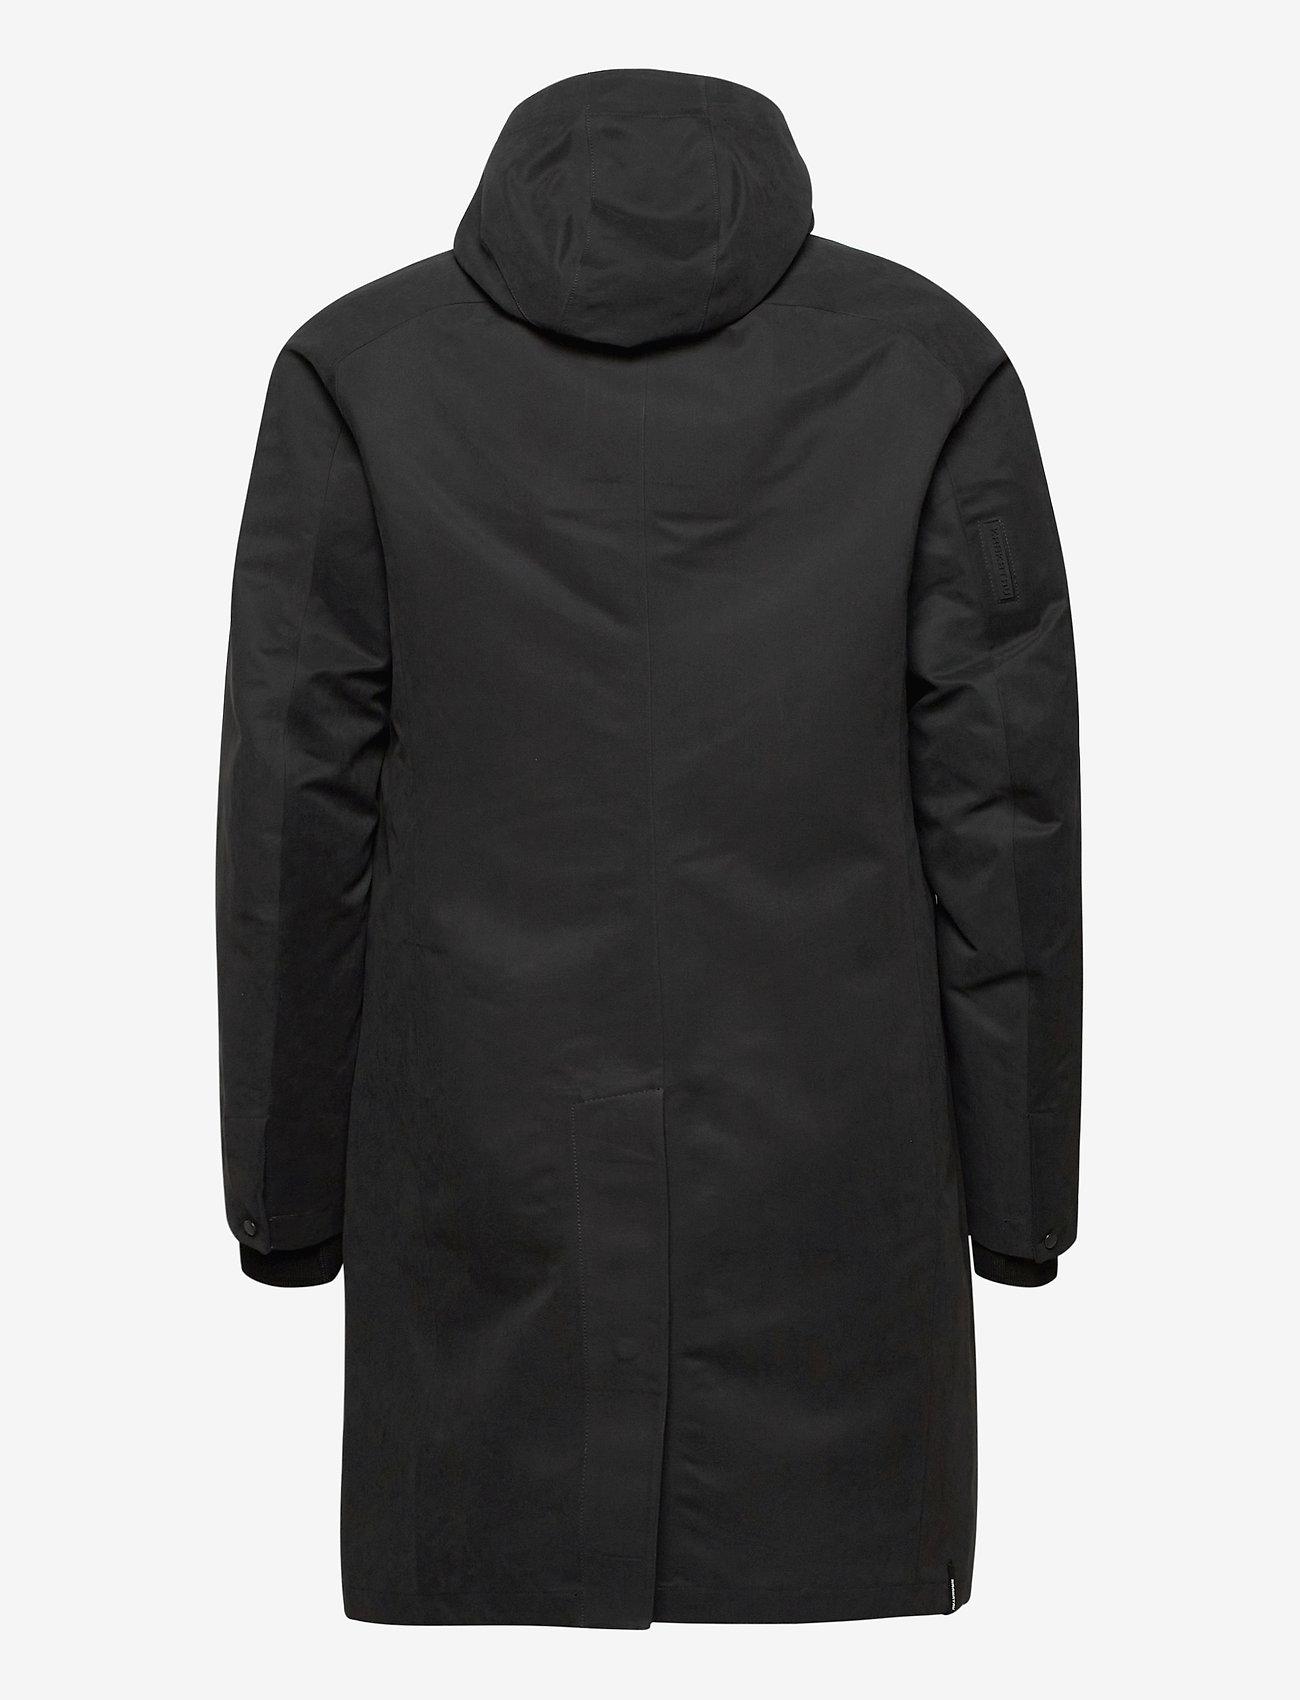 Krakatau durable microfibre trench coat - Jakker og frakker BLACK - Menn Klær